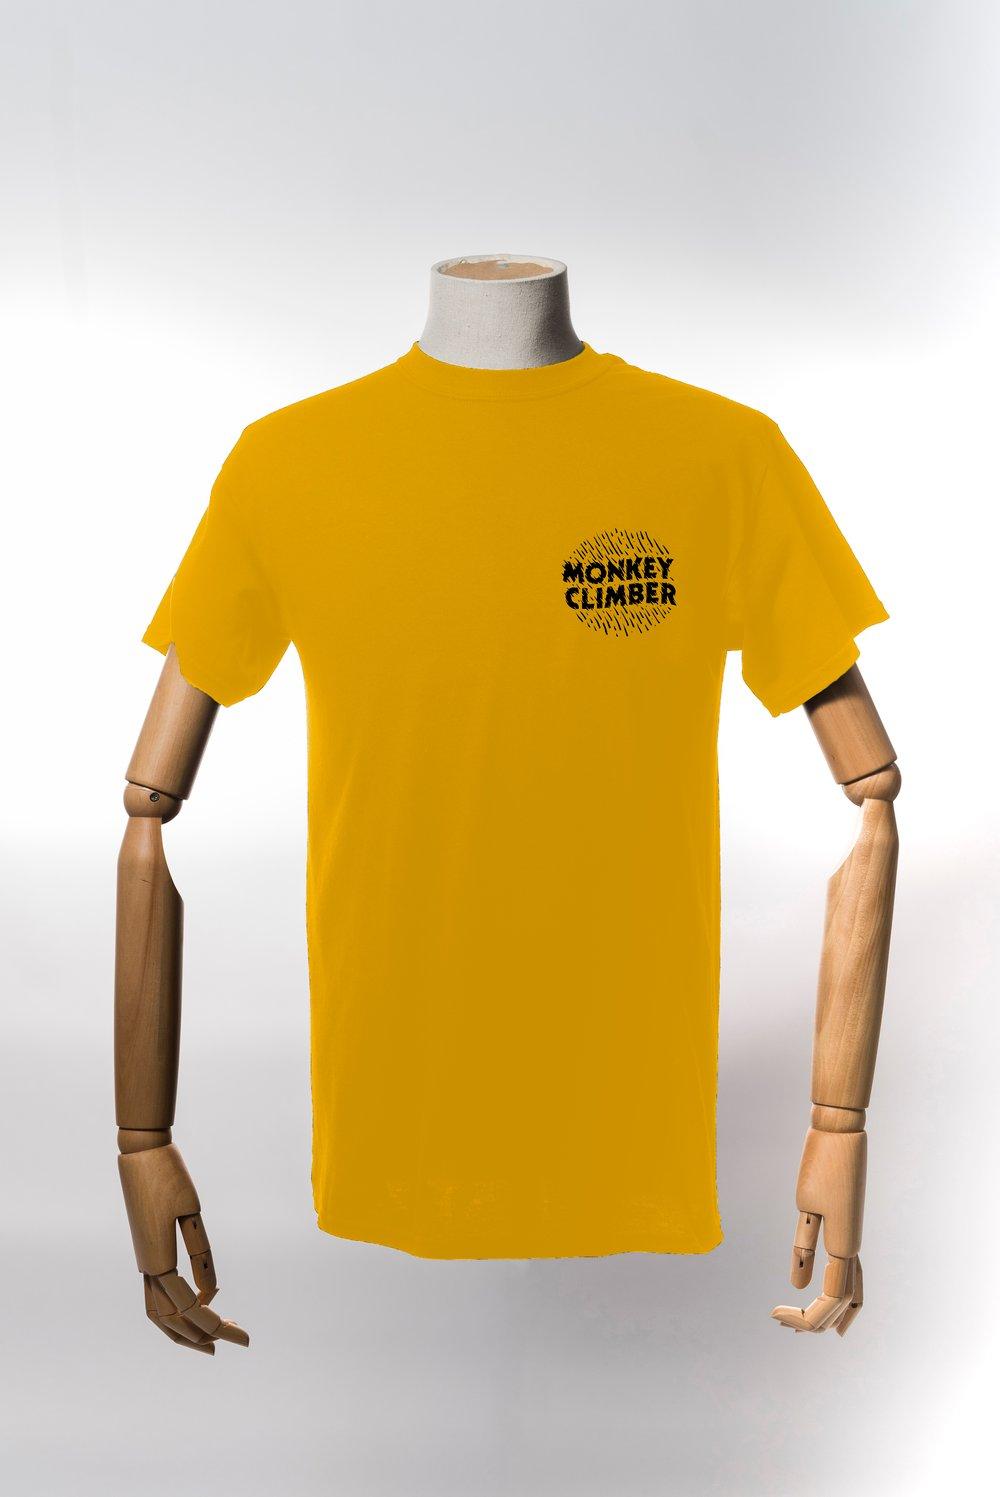 Image of Monkey Climber Ink shirt I Gold